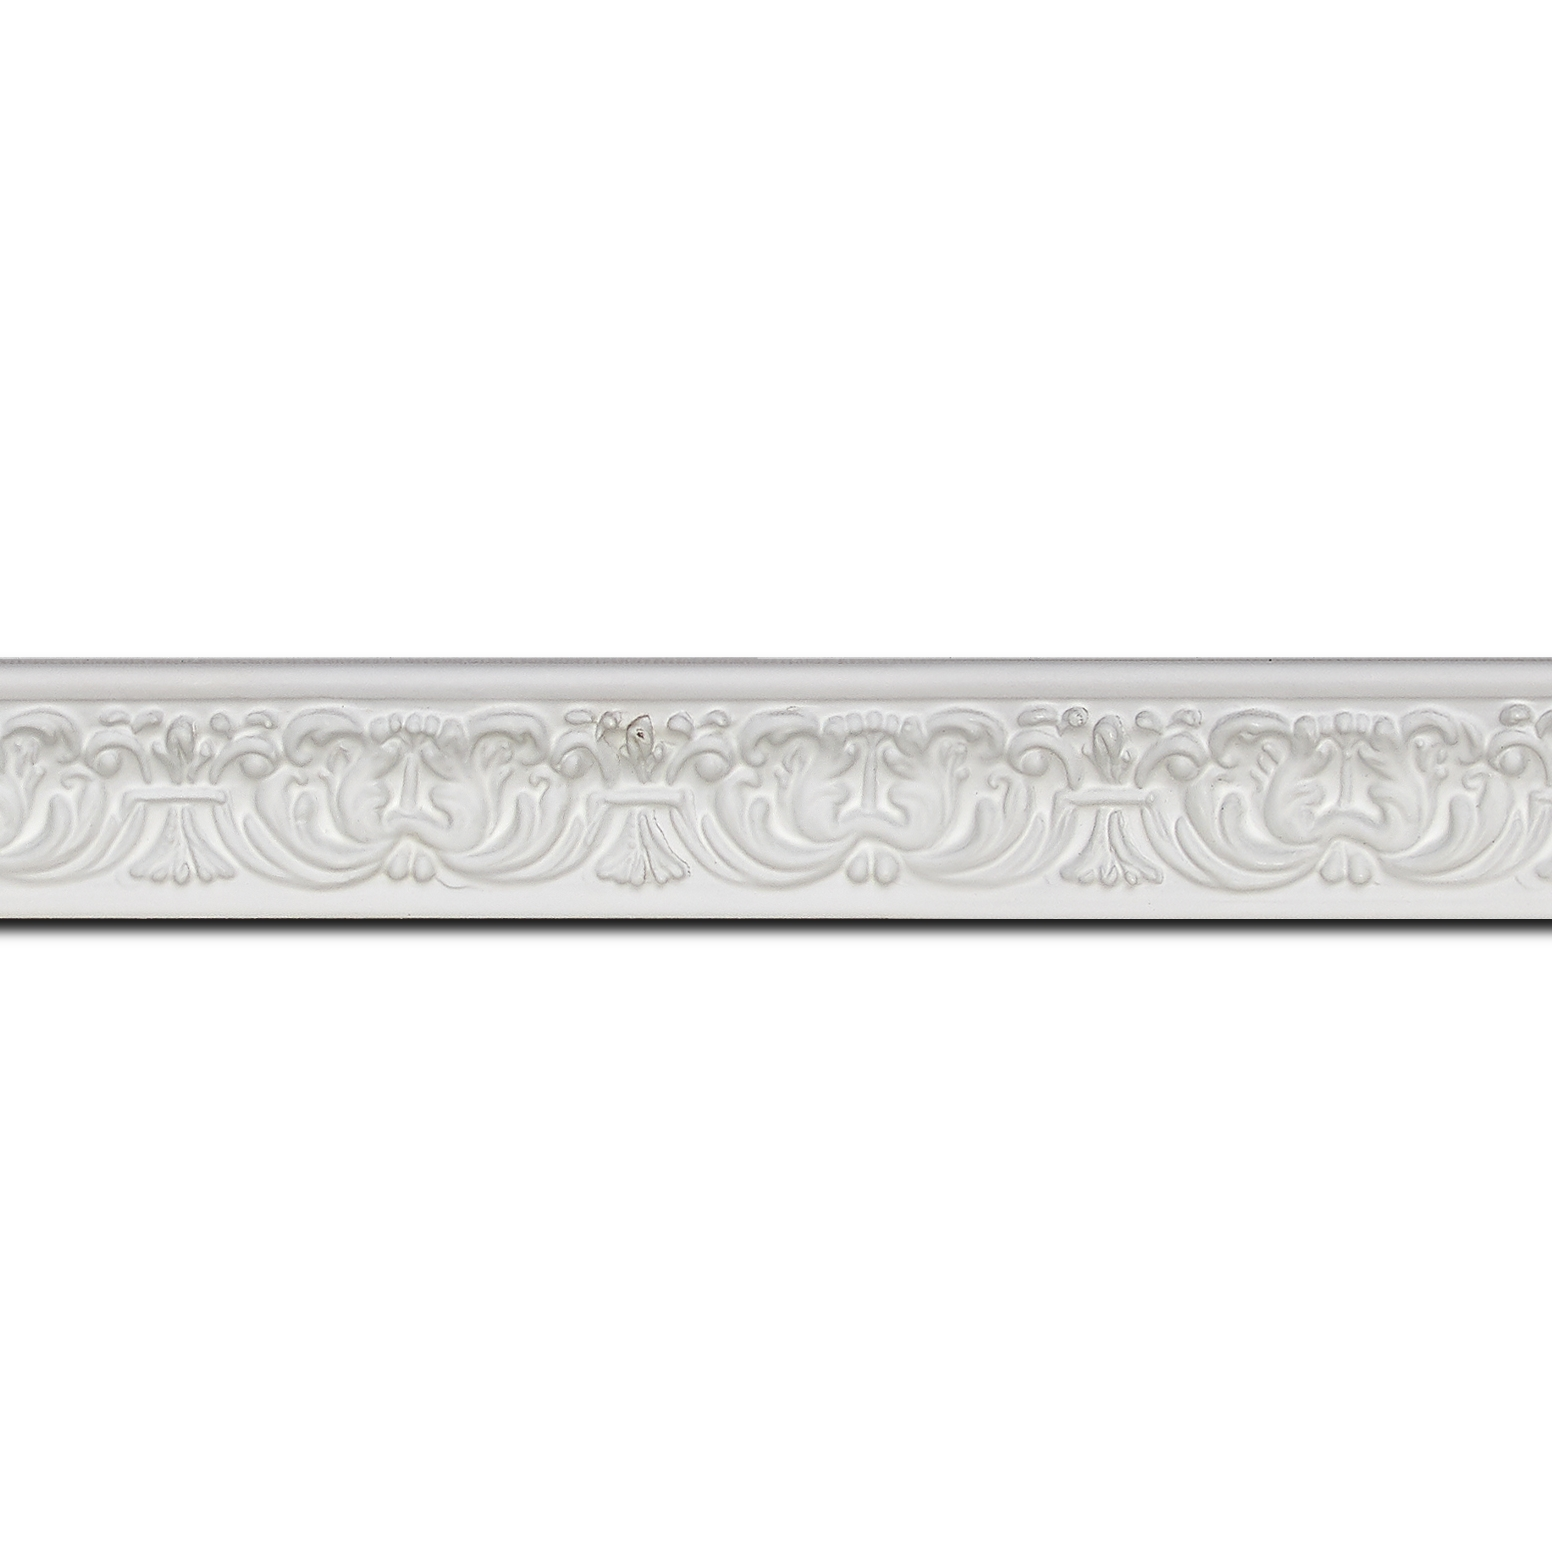 Pack par 12m, bois profil incurvé largeur 2.6cm couleur blanc en relief sur fond blanc(longueur baguette pouvant varier entre 2.40m et 3m selon arrivage des bois)